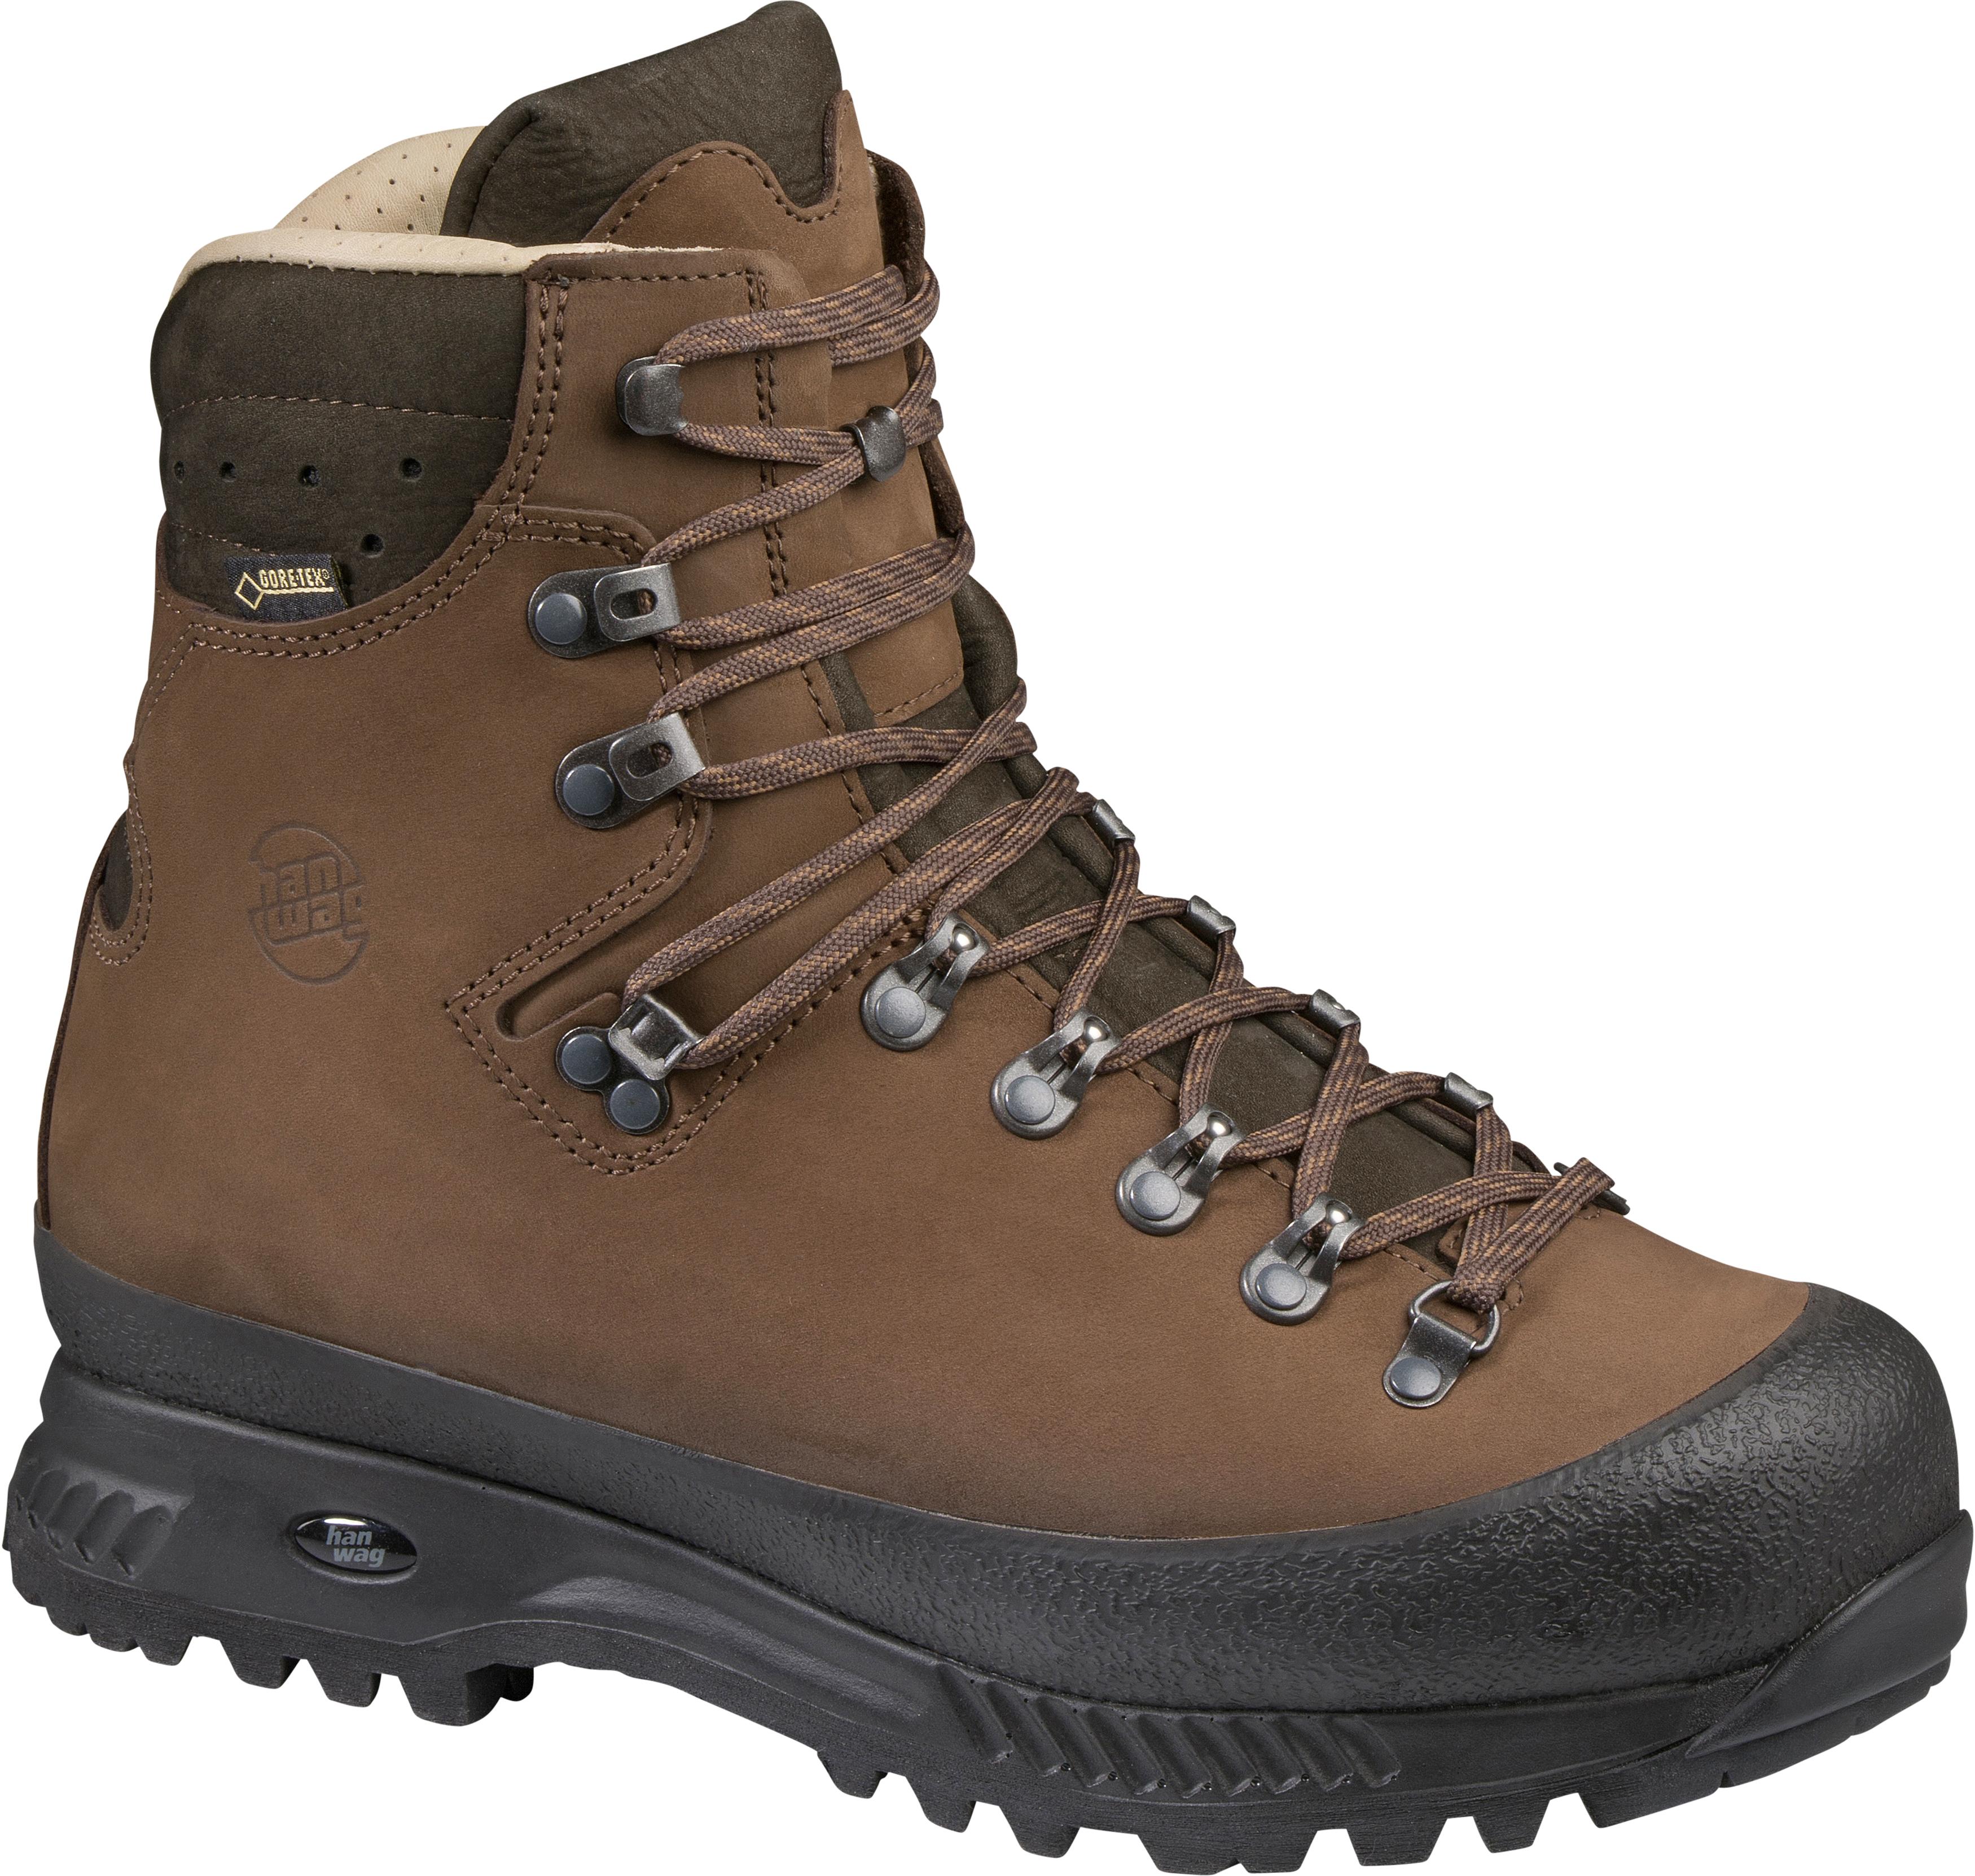 Chaussures pour pieds larges Meindl Dovre marron homme Qualité Pas Cher Sortie Vente Magasin D'usine Vente Pas Cher 2018 Unisexe Confortable Vente En Ligne MWTPfi6